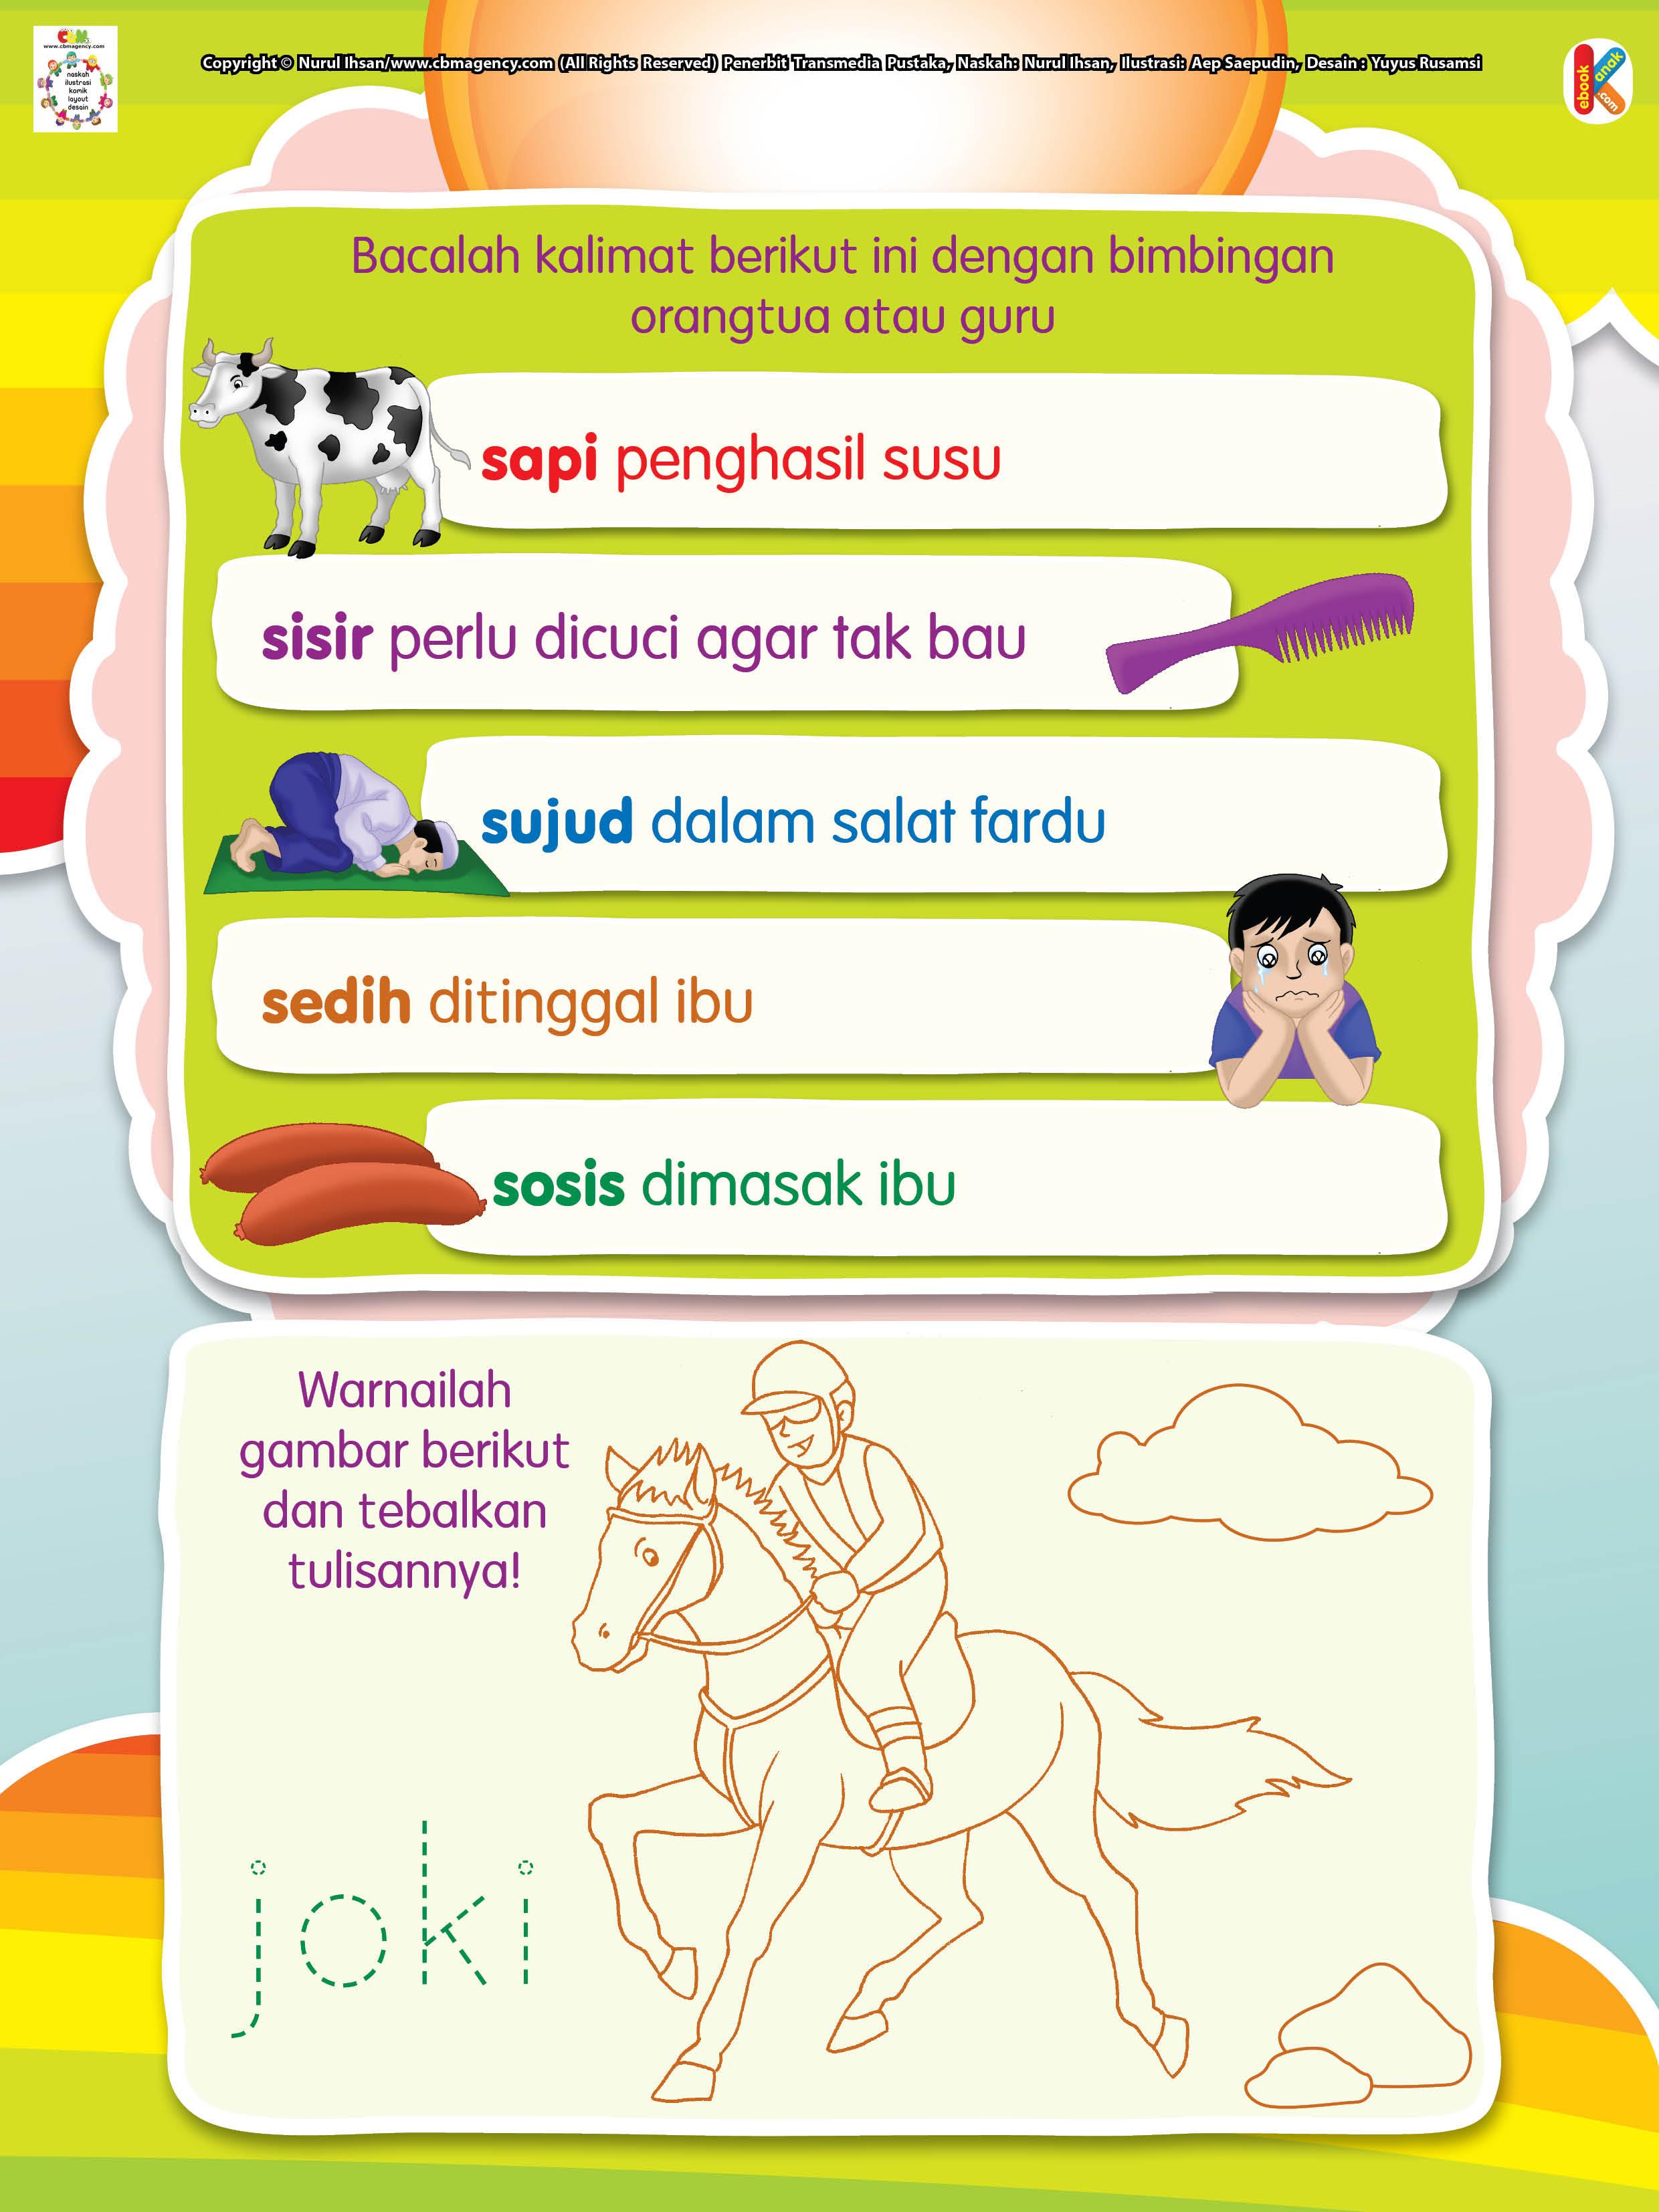 membaca satu suku kata berawalan S dan mewarnai gambar